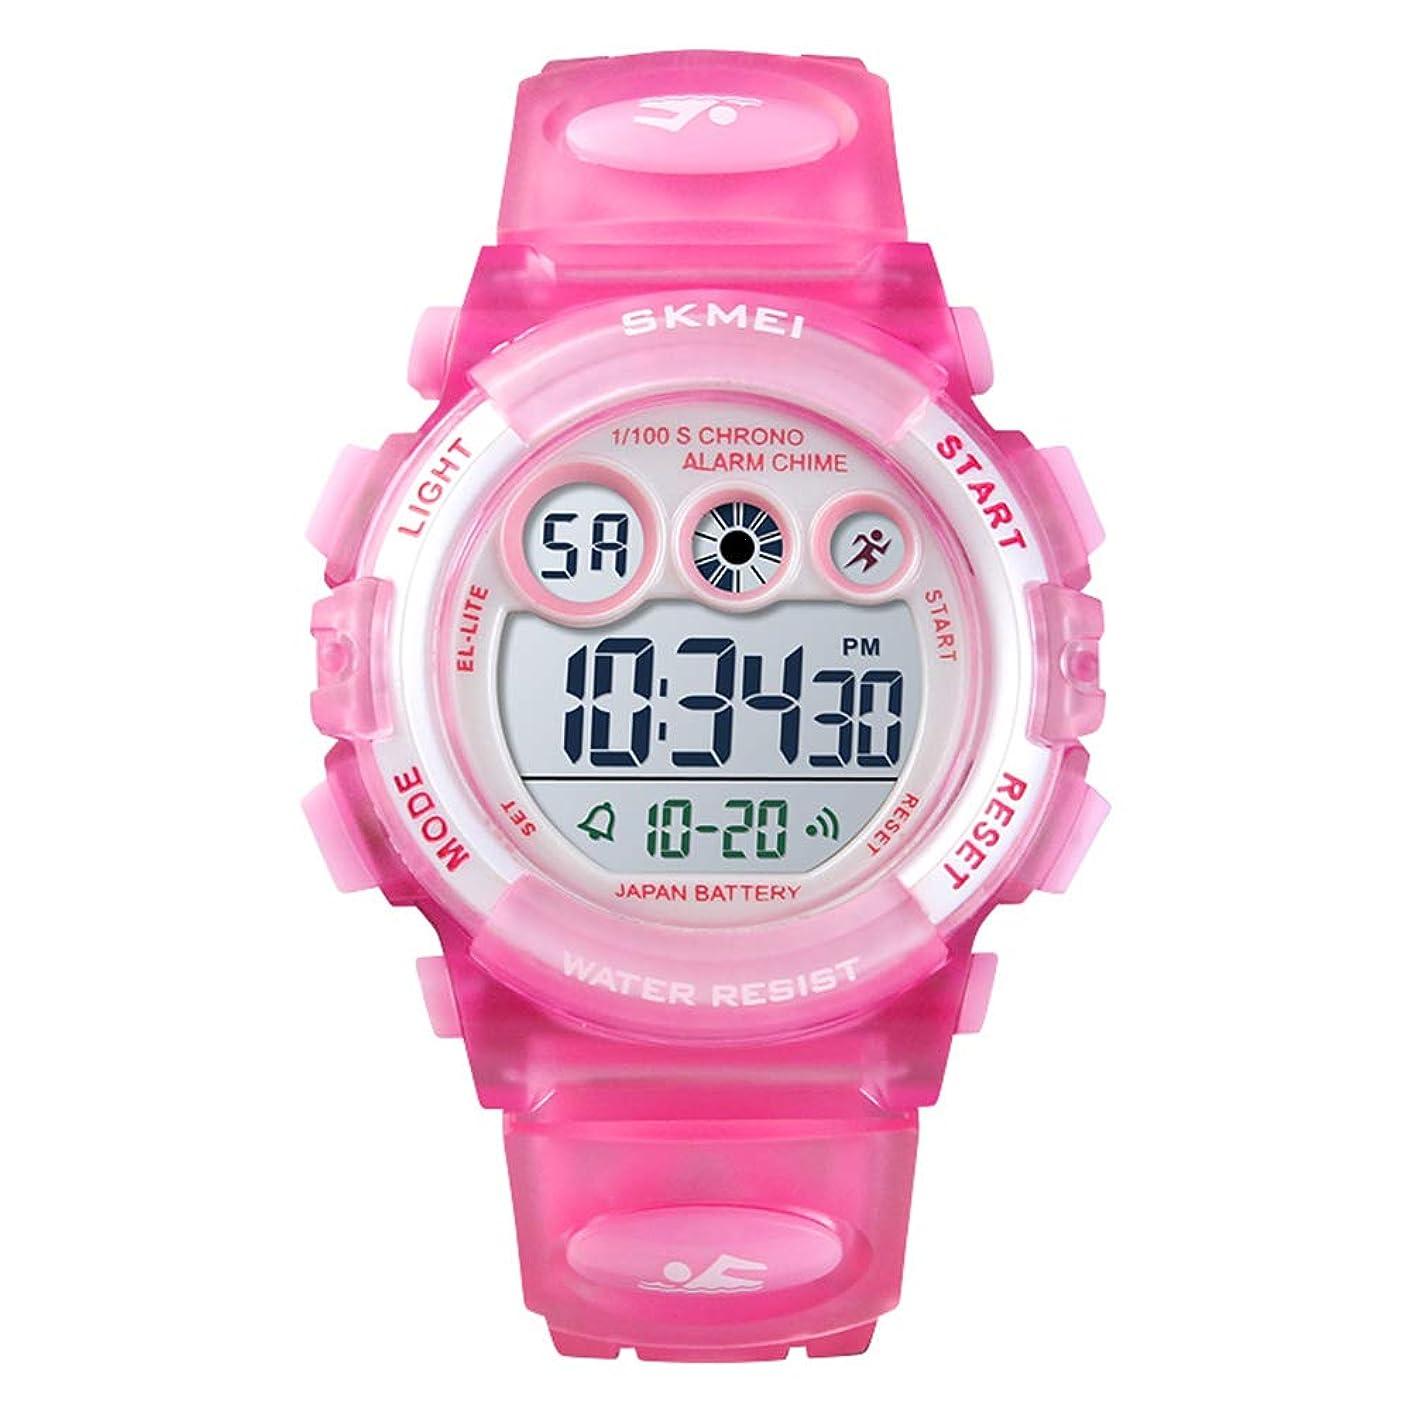 影計算する司書SKMEI 腕時計 男の子 女の子 子供腕時計 防水 キッズ腕時計 スポーツ用 デジタル アラーム ストップウオッチ 七彩LED日付 曜日 可愛い プレセント ギフト 全6色